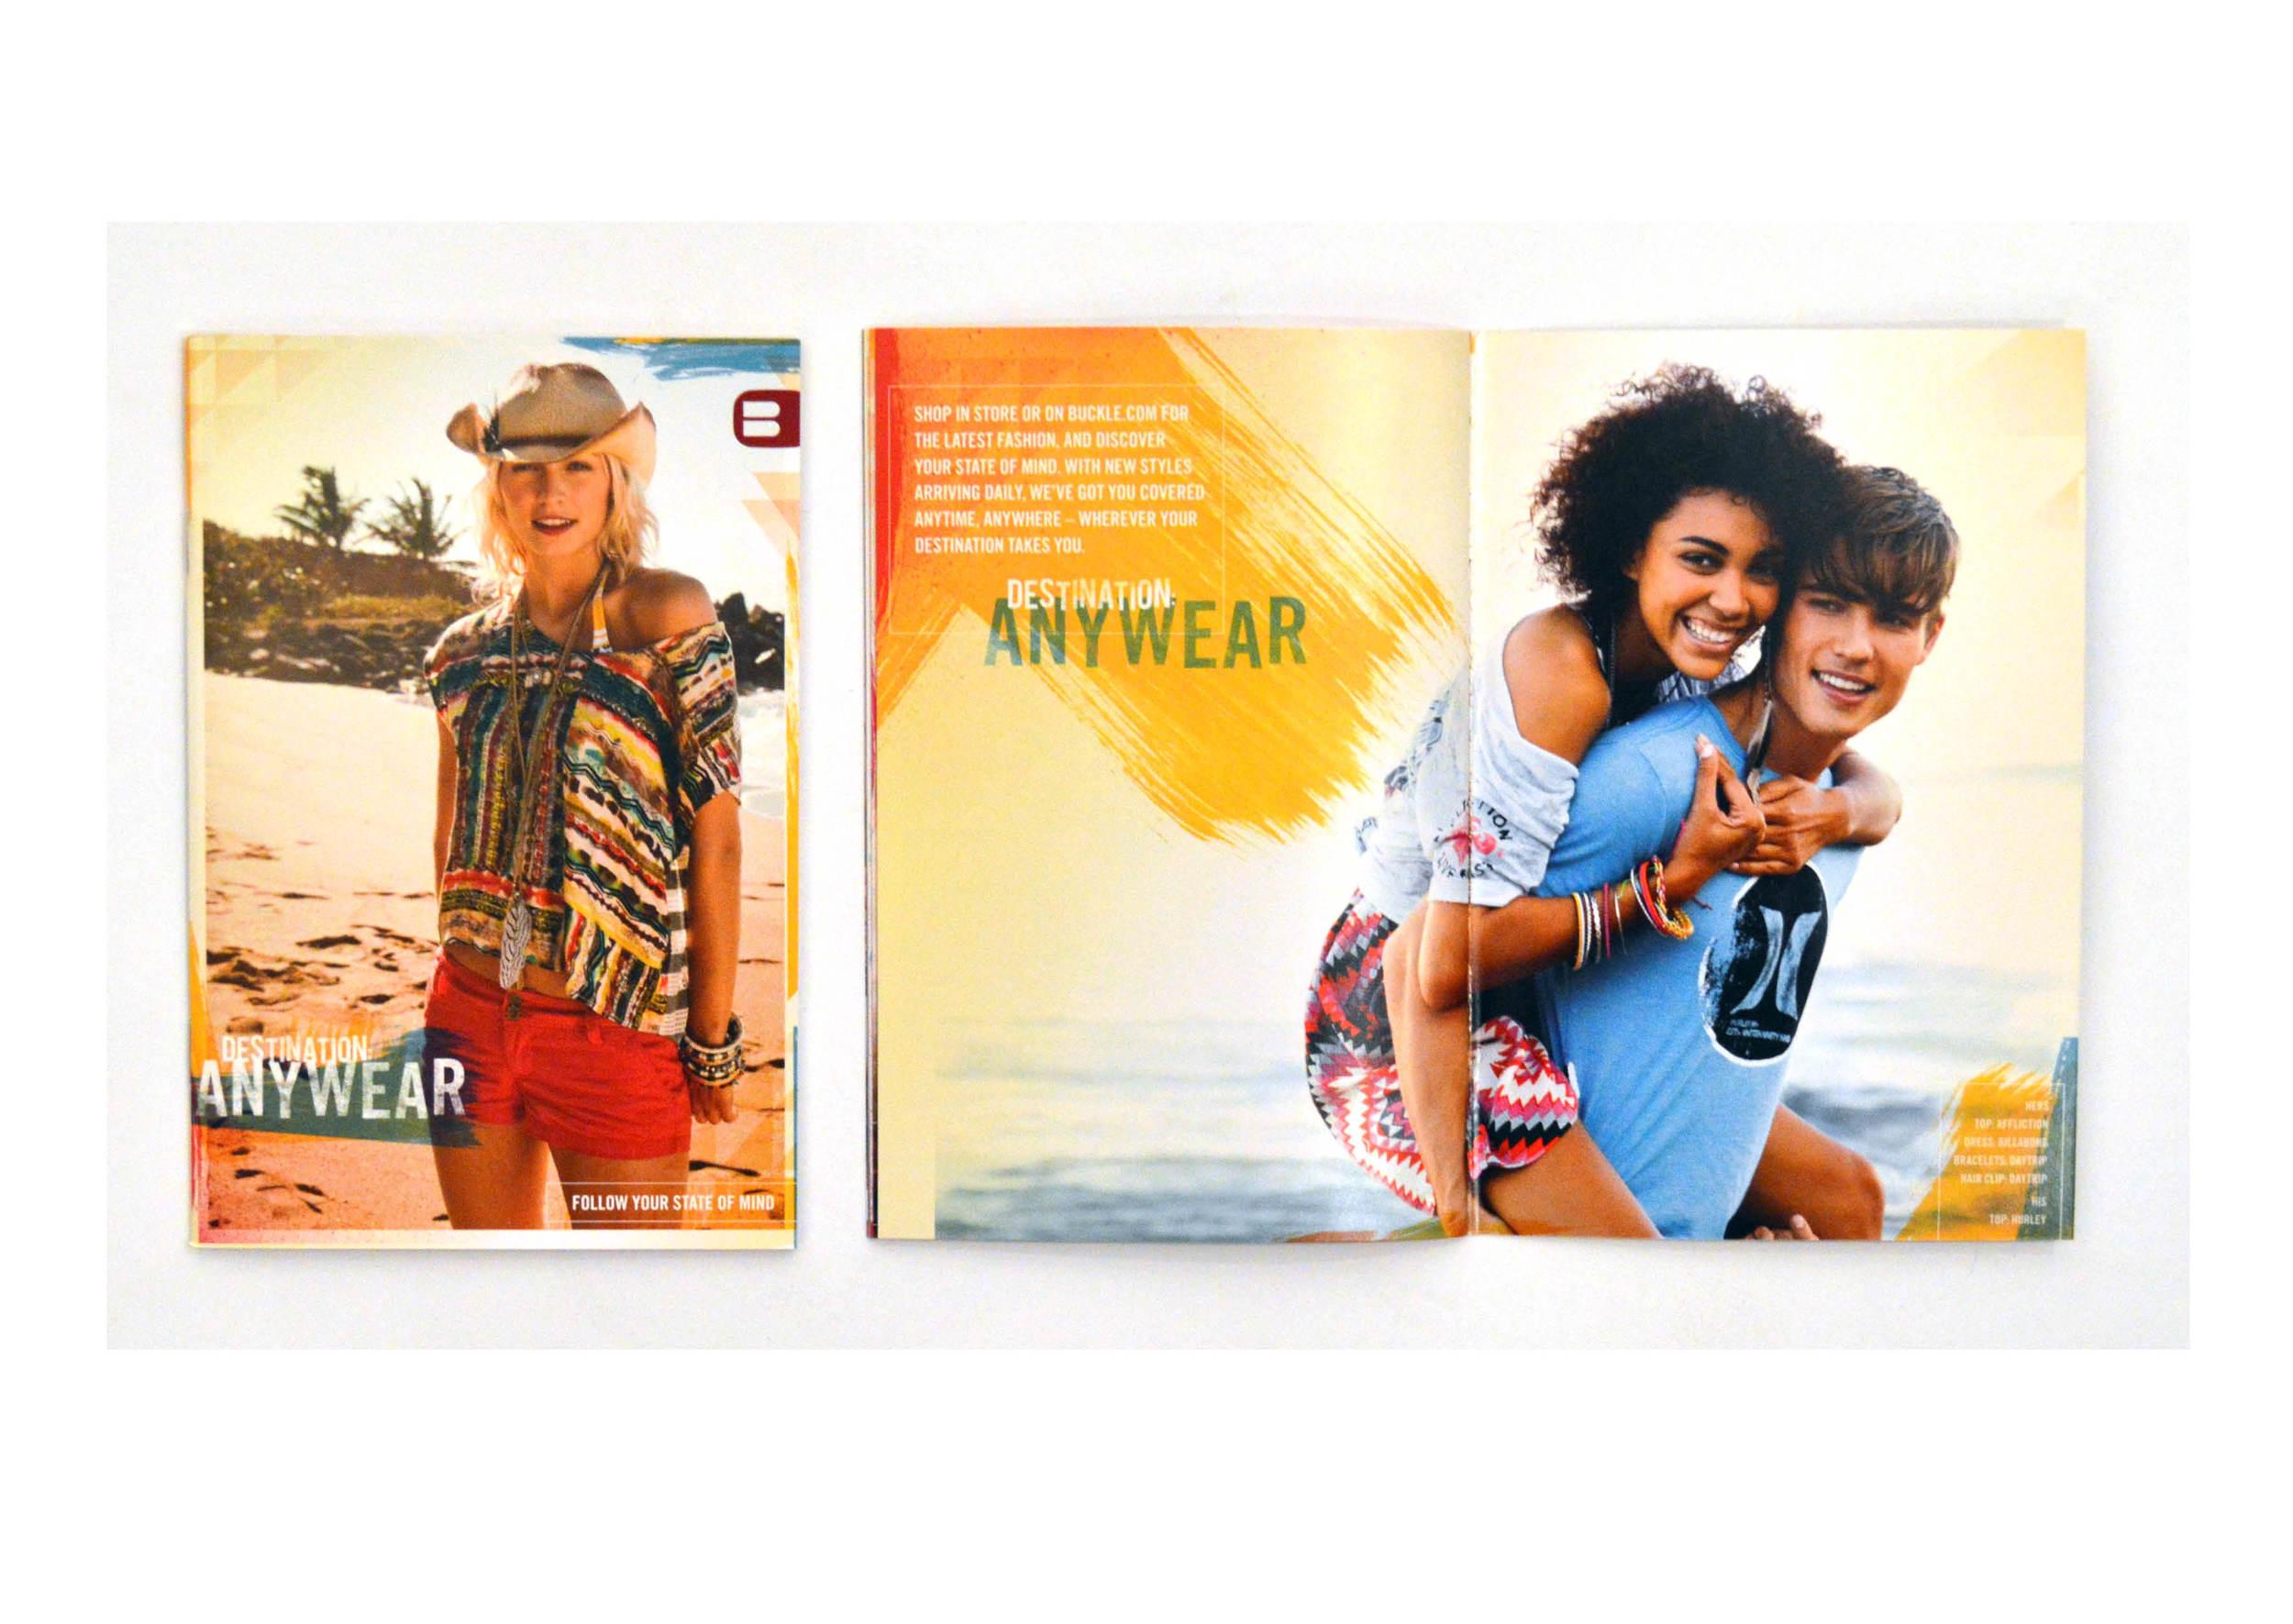 Buckle | Spring Image Book | tashvock.com